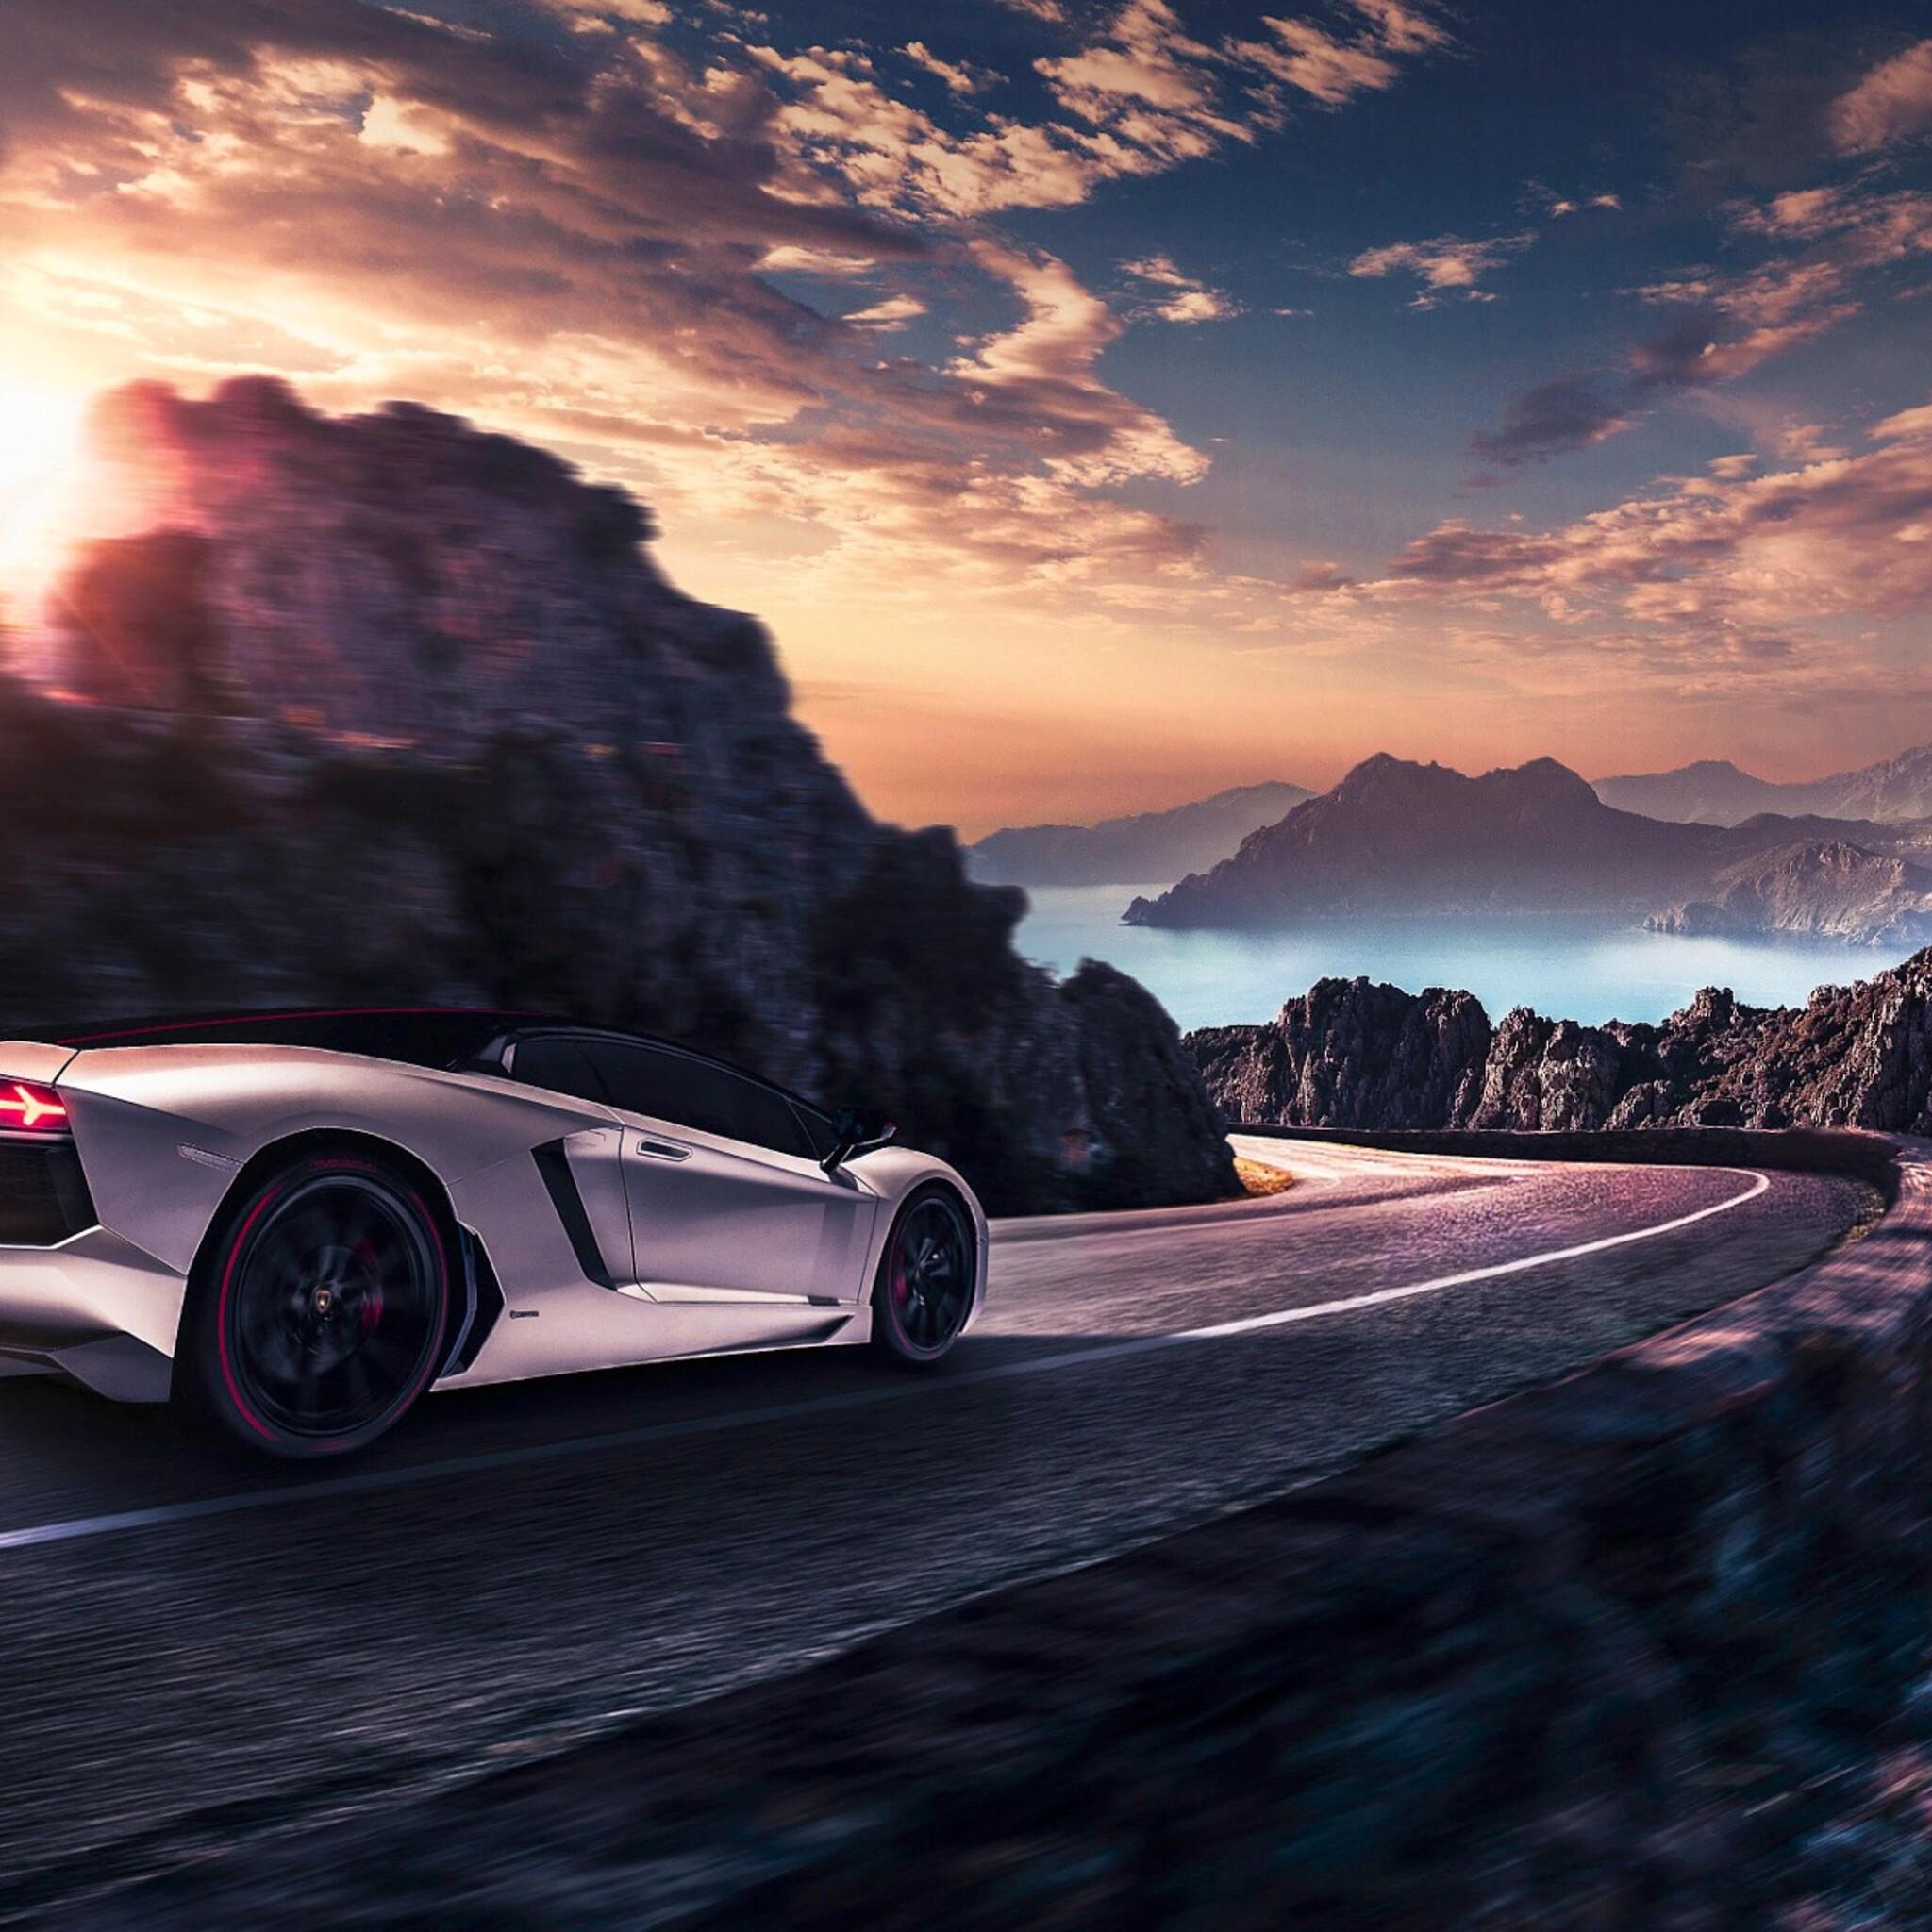 2048x2048 Lamborghini Artwork Ipad Air HD 4k Wallpapers